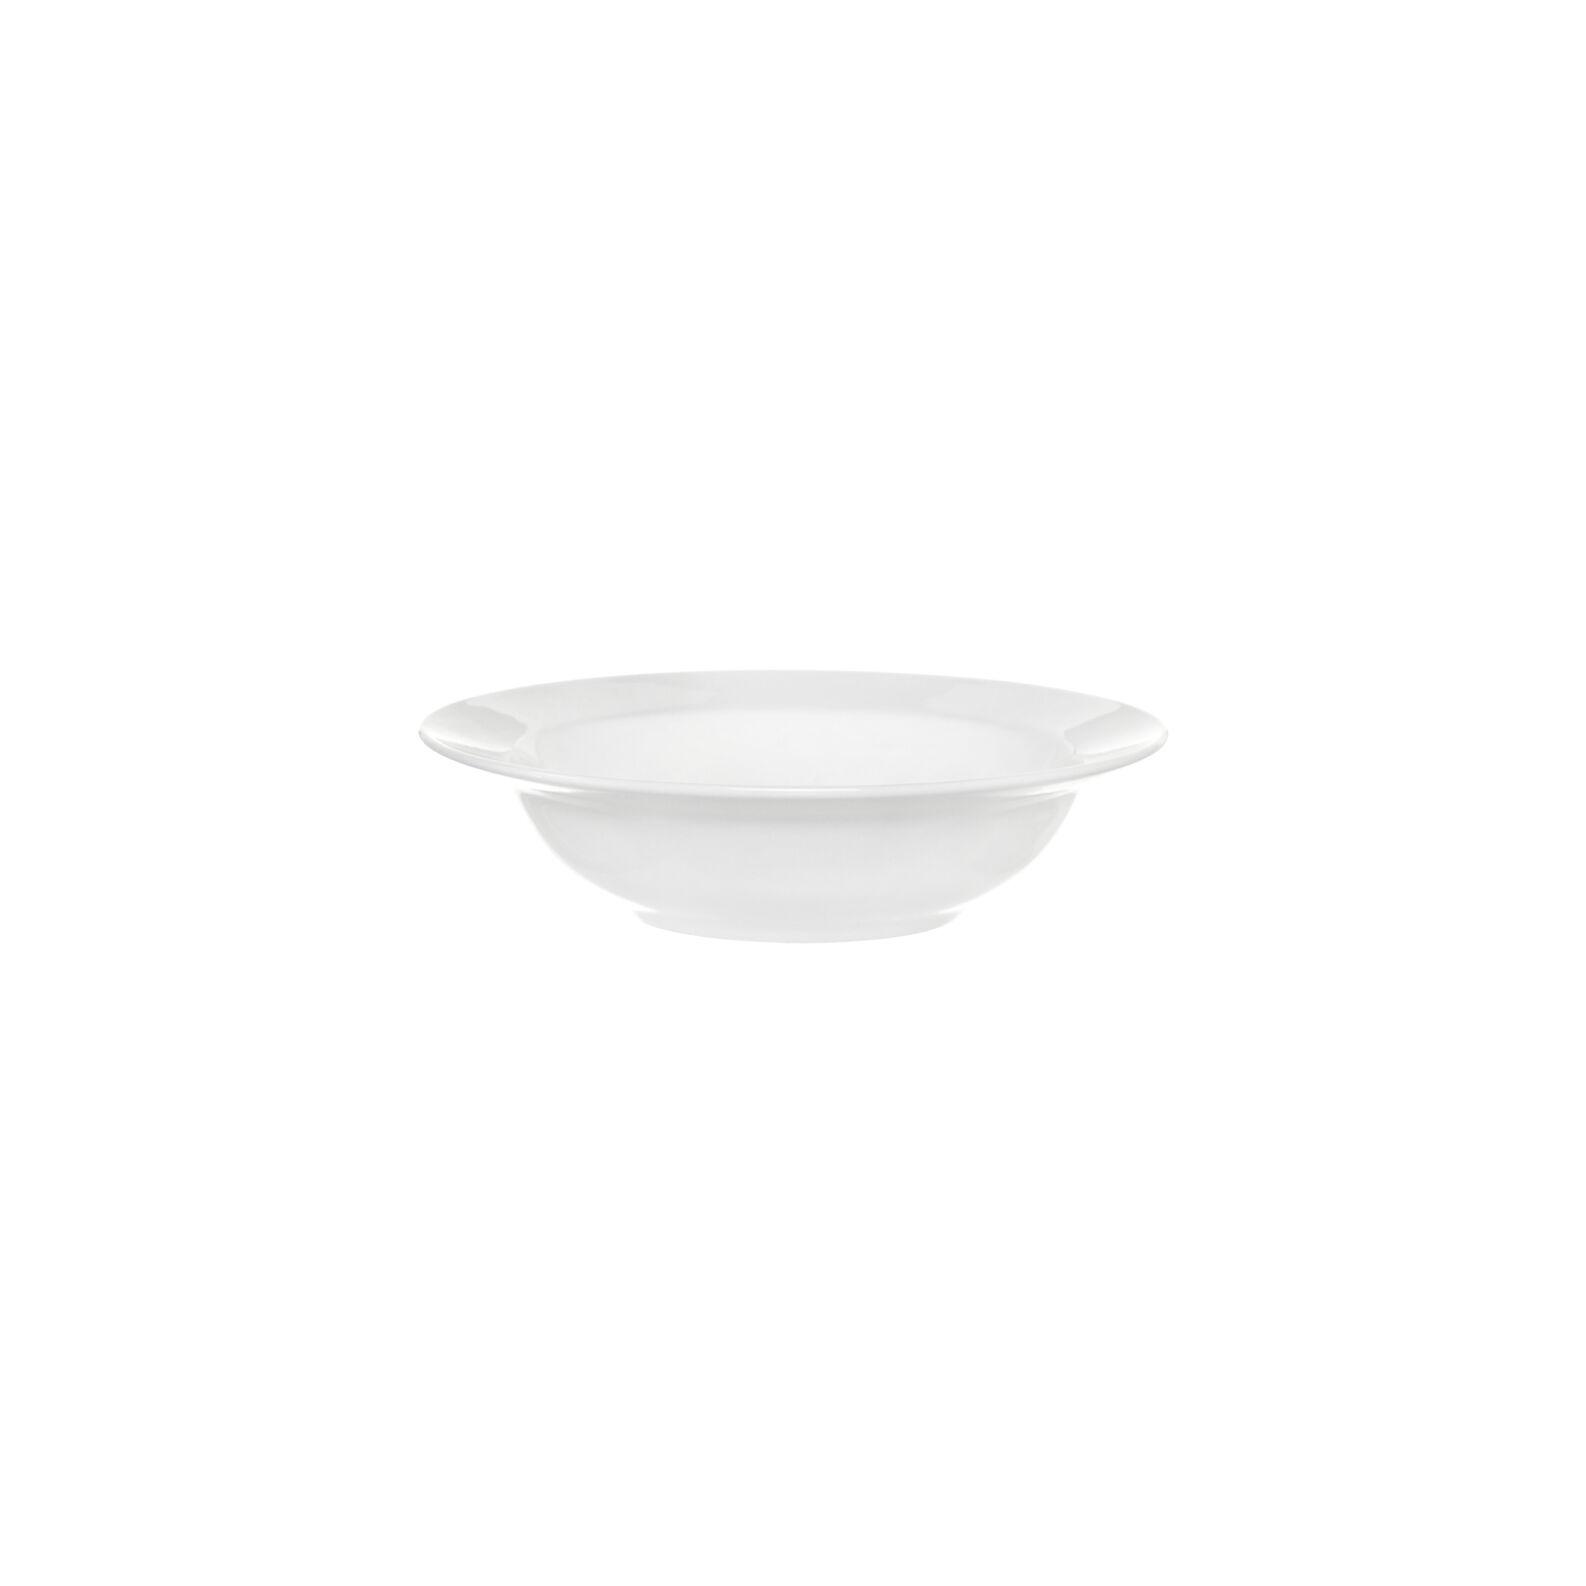 Veronica porcelain cup